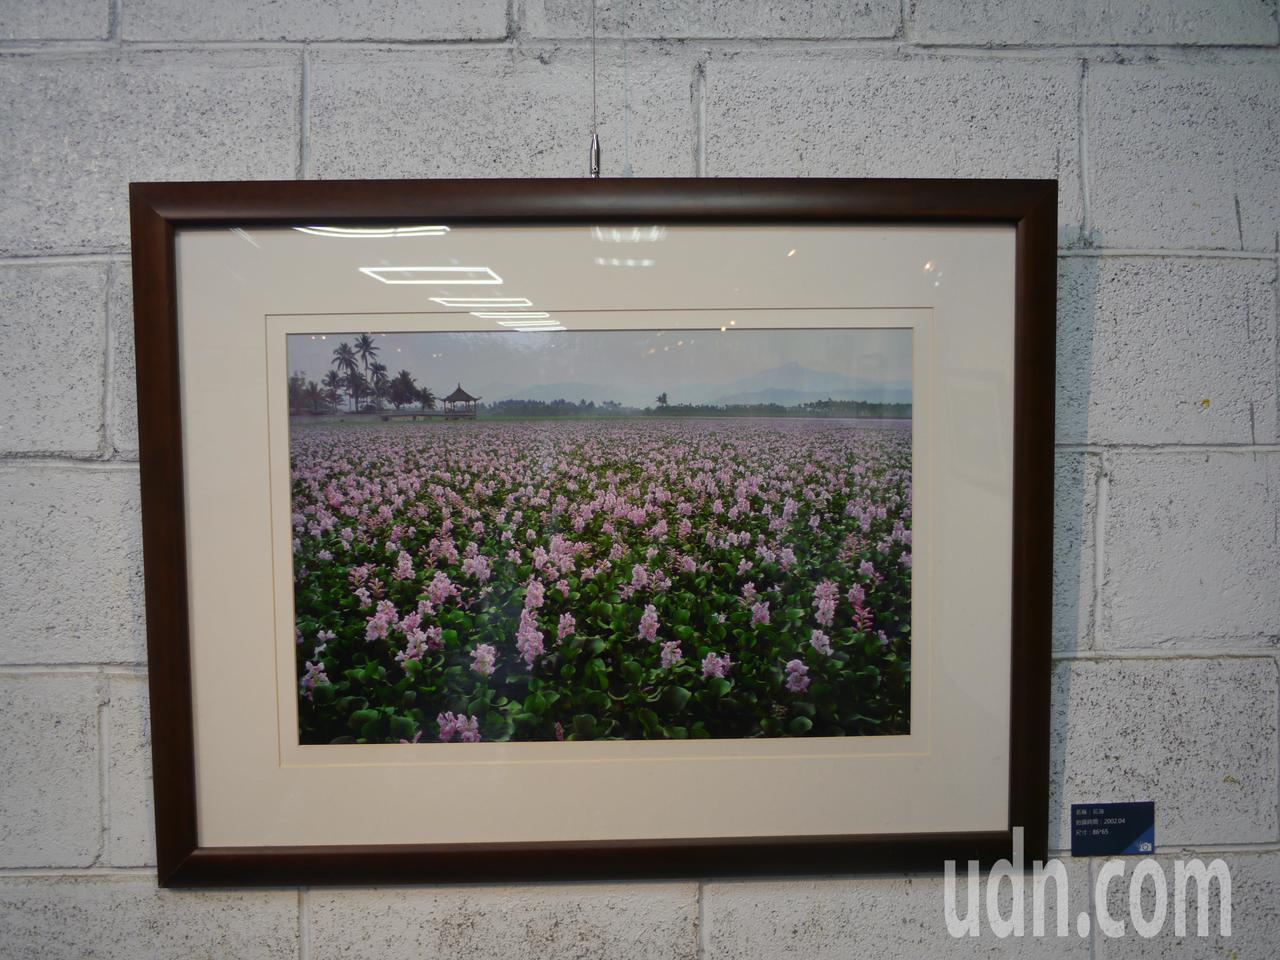 展出作品,布袋蓮布滿美濃湖湖面。記者徐白櫻/攝影